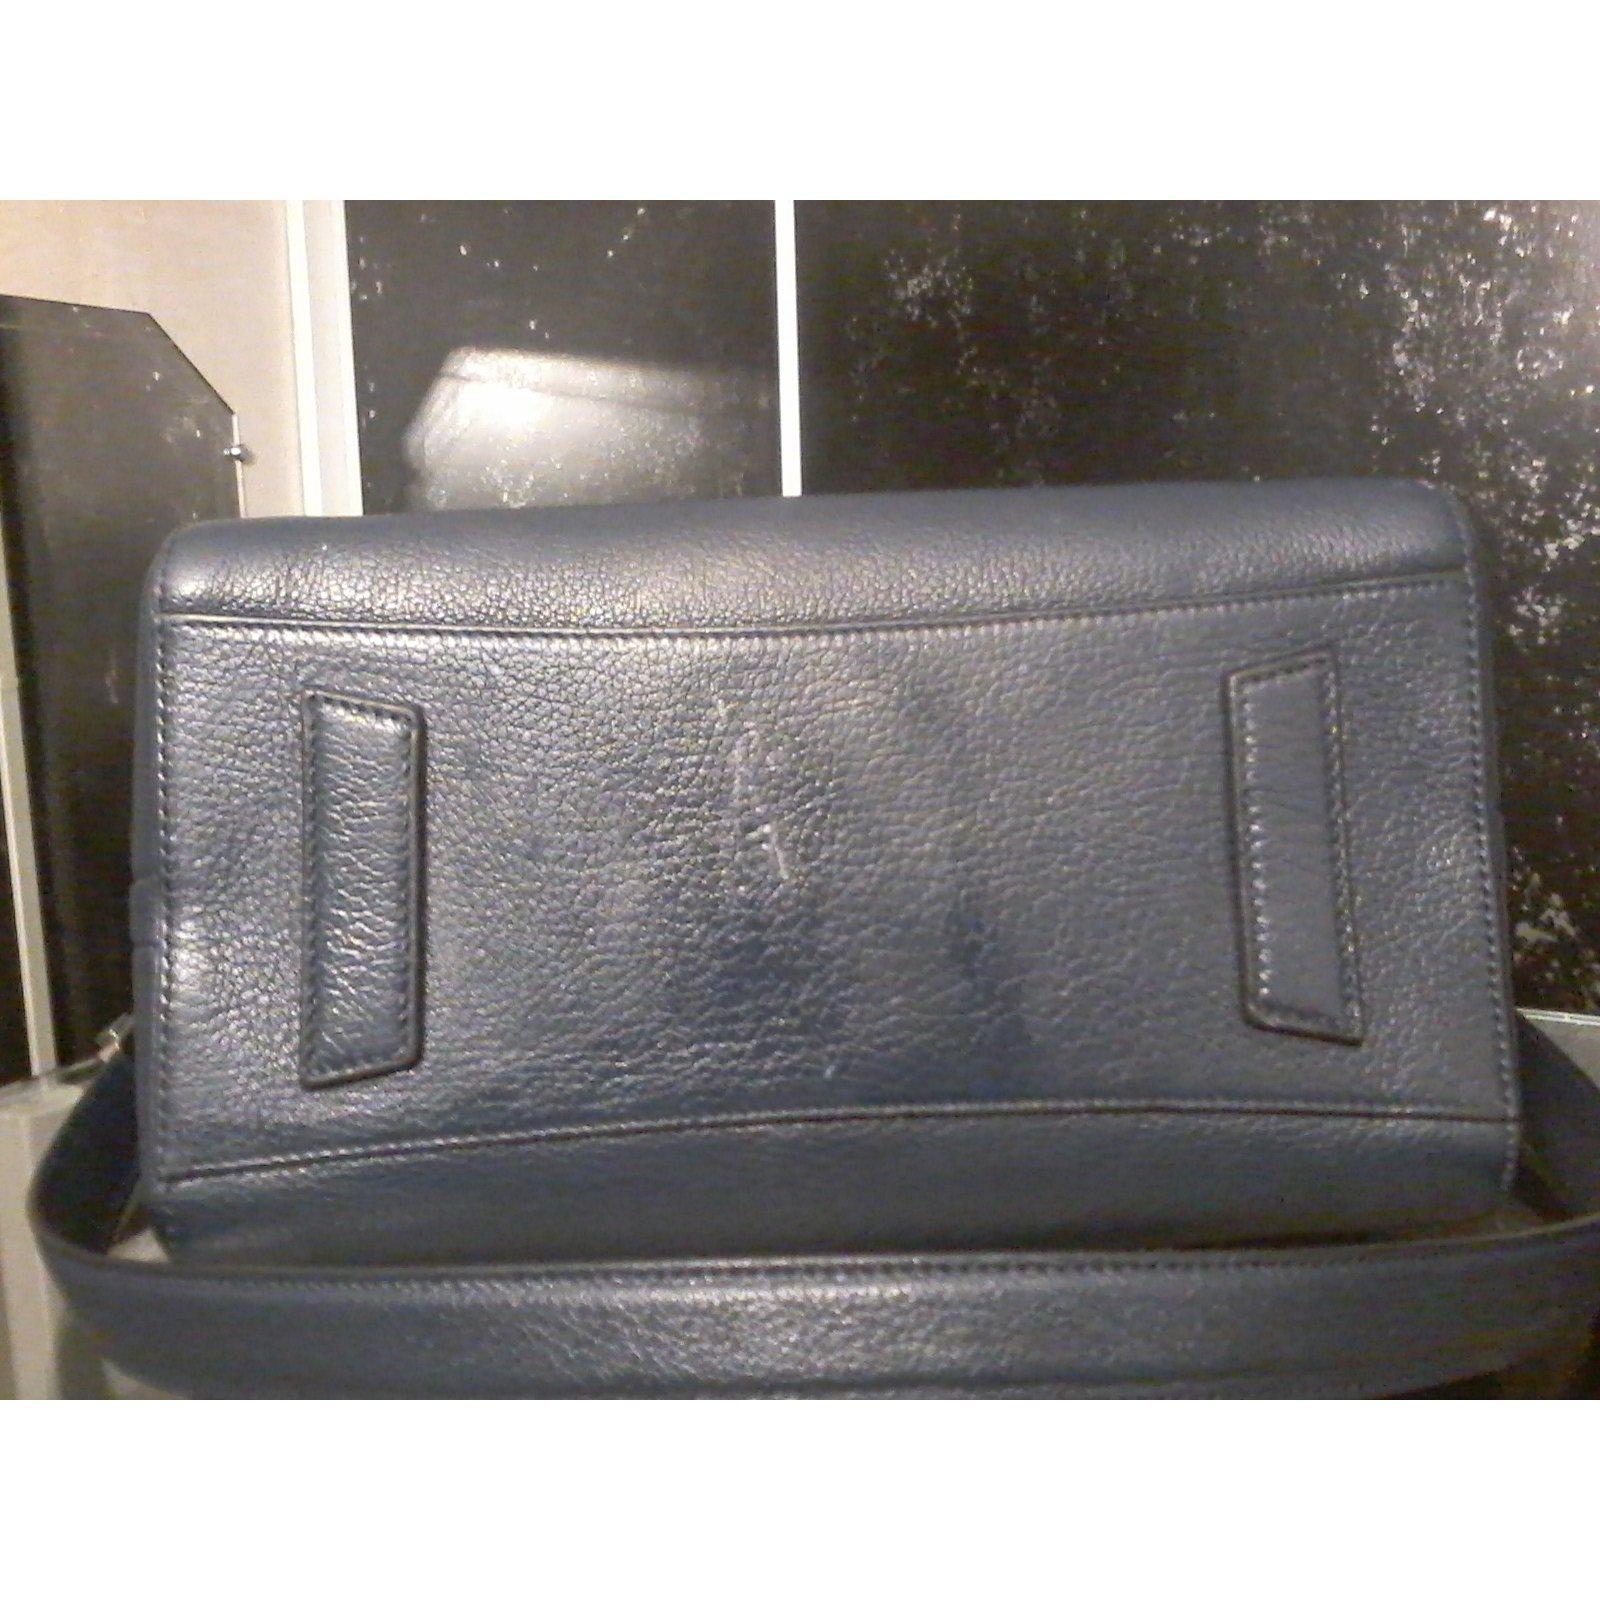 085b86c3aa Givenchy Handbag Handbags Leather Navy blue ref.39134 - Joli Closet